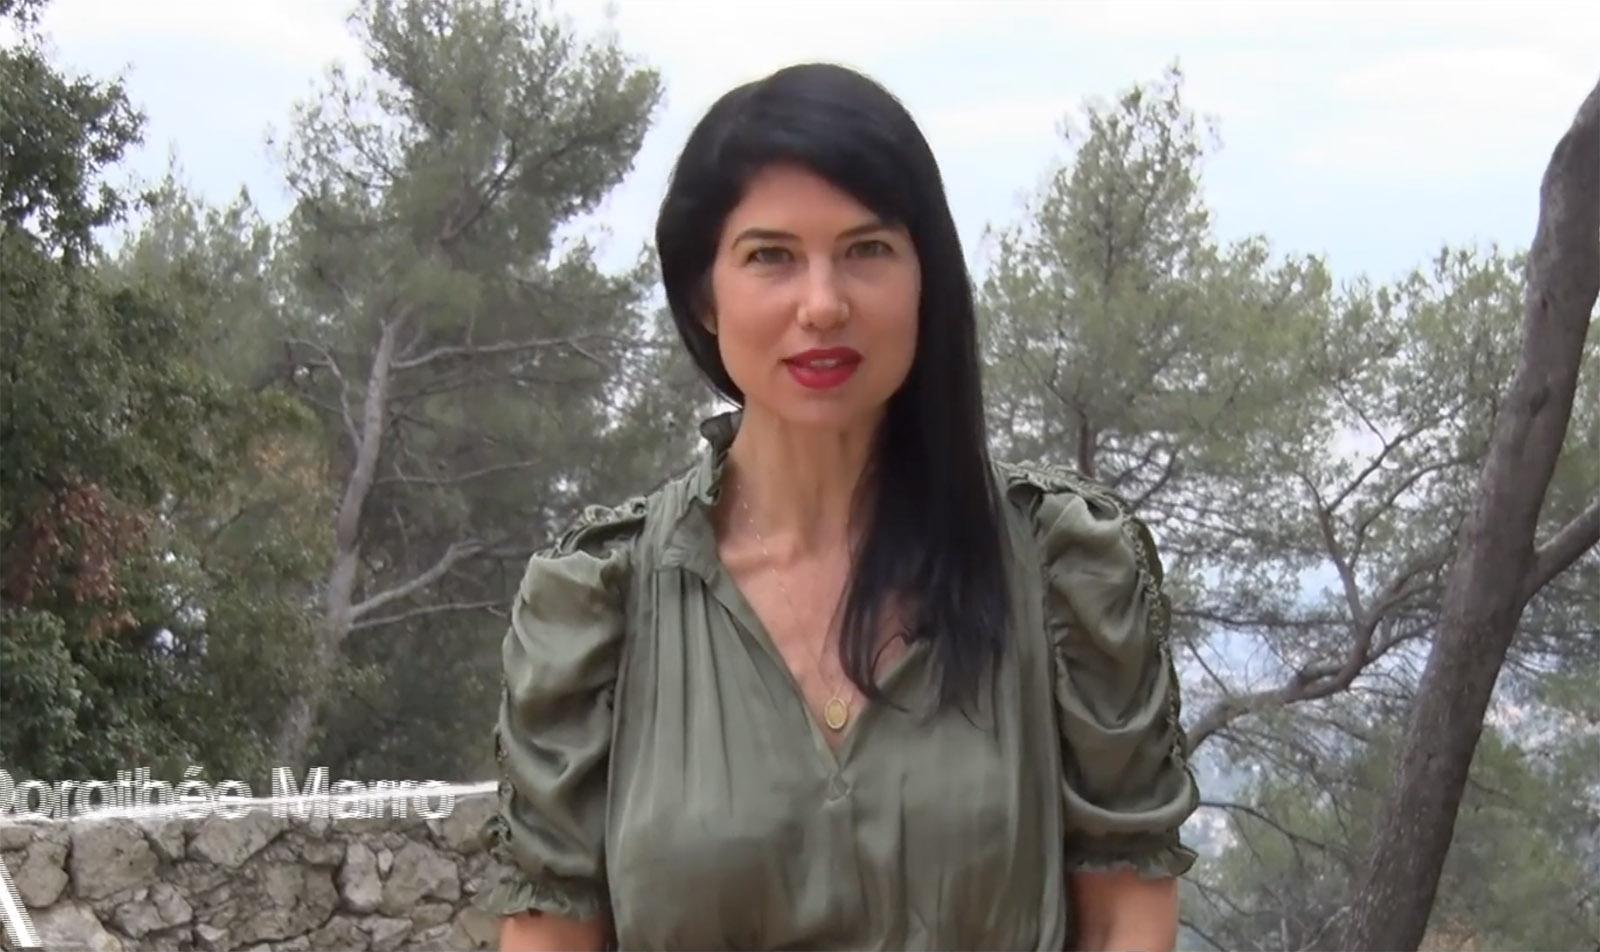 Dorothée Marro interview Catherine Tobiasse, Immersion Saint-Paul de Vence